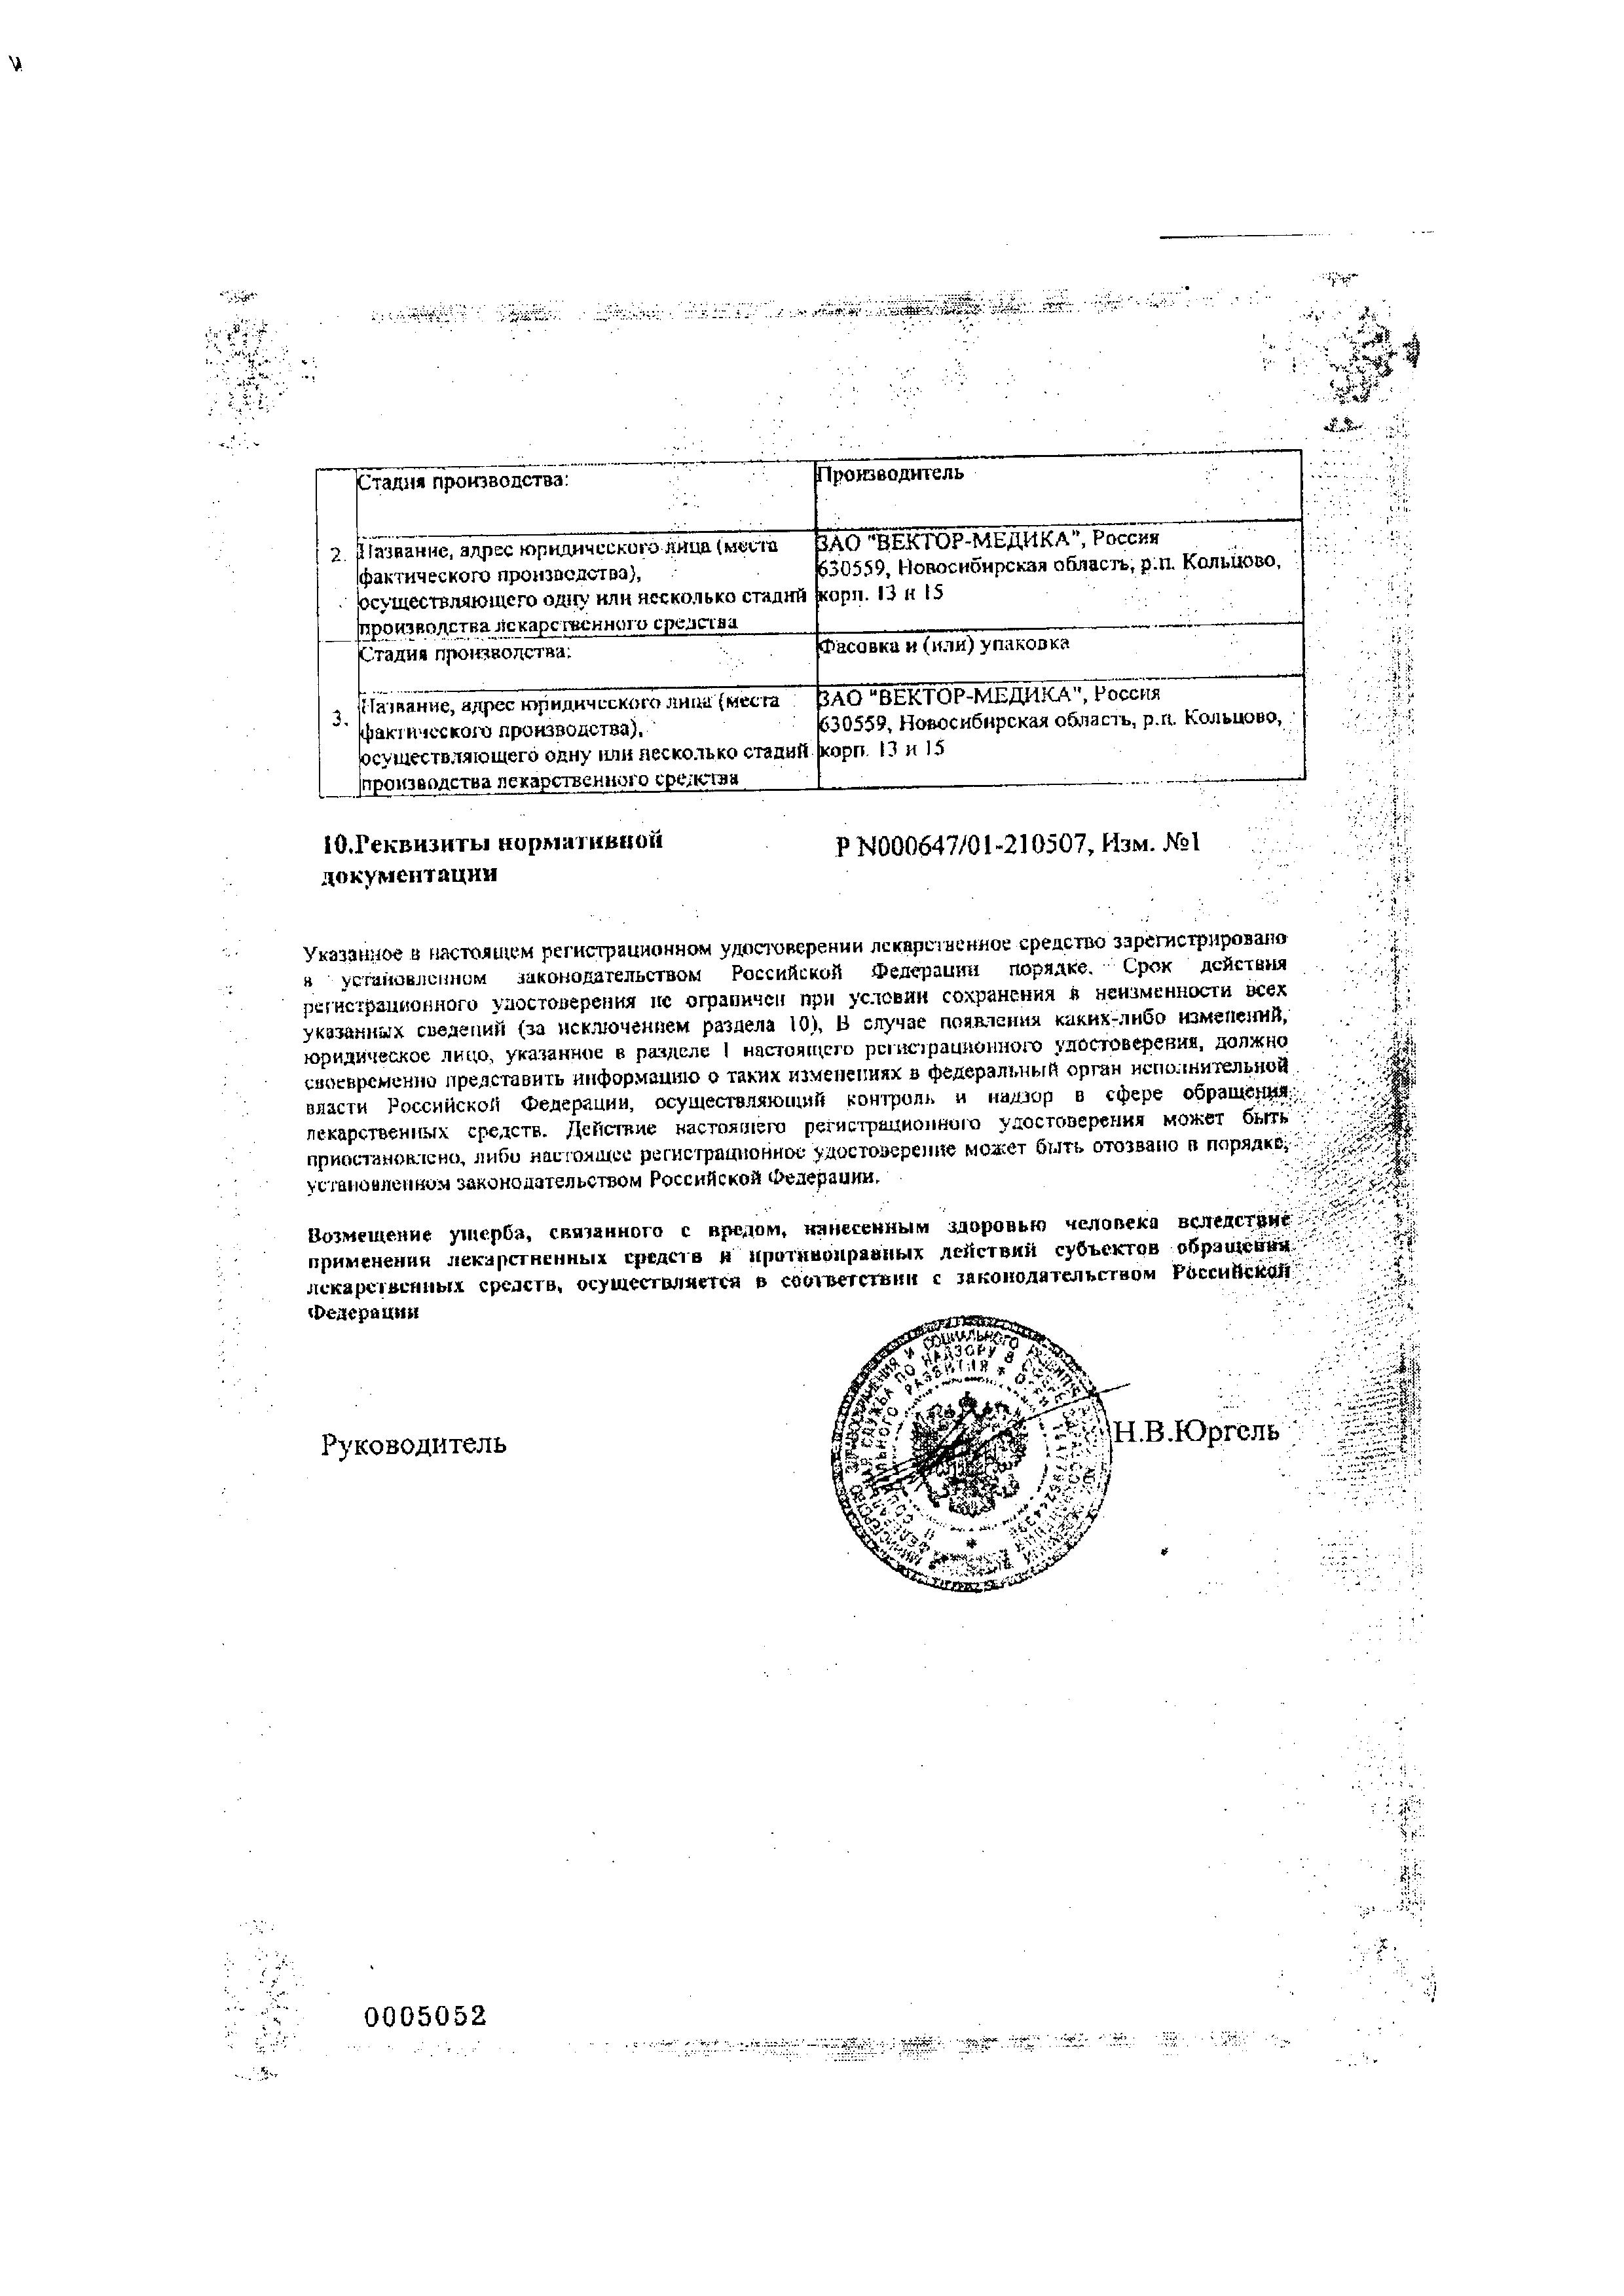 Инфагель сертификат